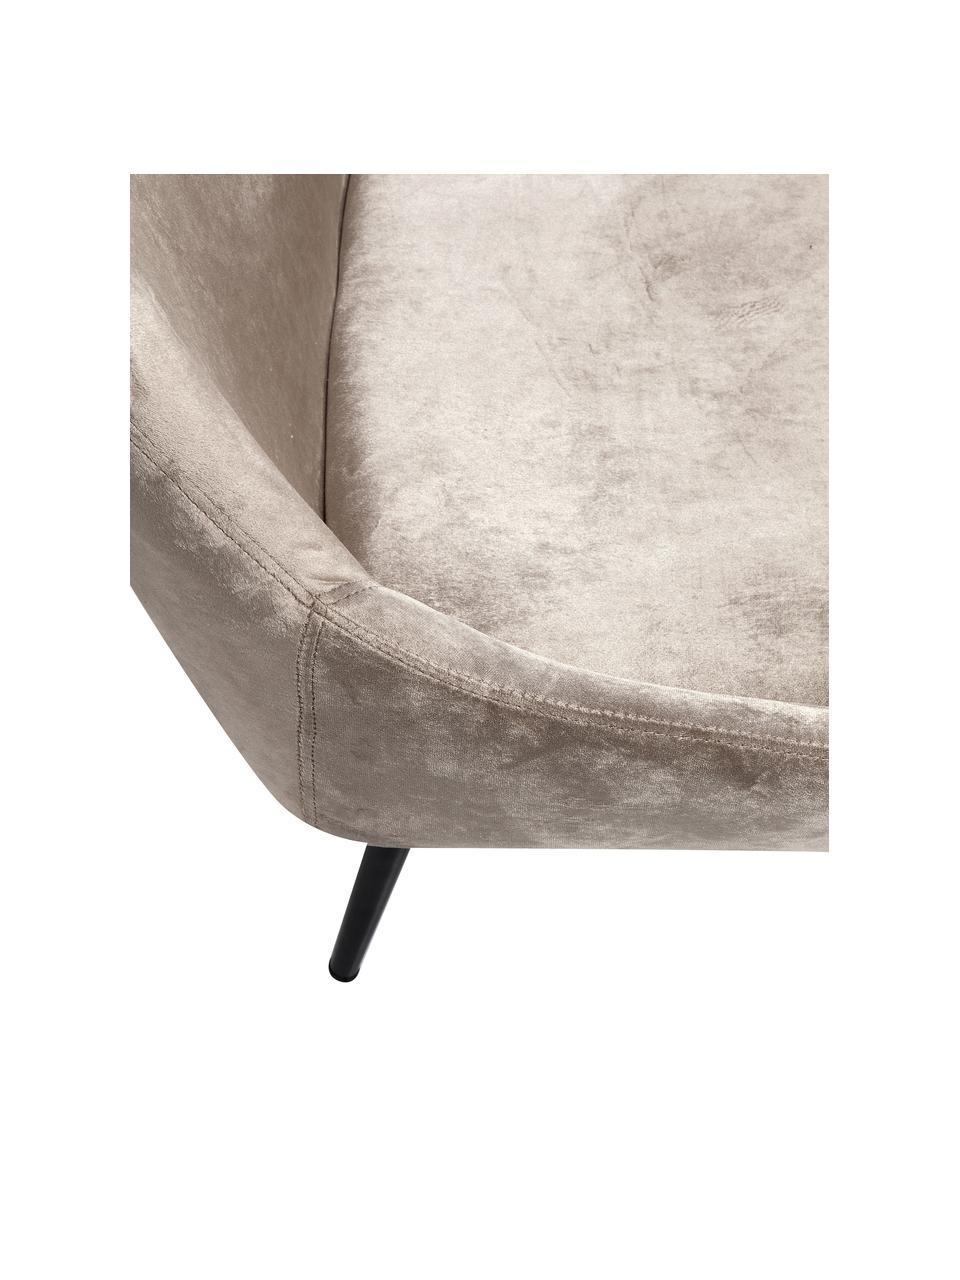 Samt-Sitzbank East Side mit Lehne, Bezug: Polyestersamt Der Bezug w, Beine: Metall, pulverbeschichtet, Korpus: Furnierschichtholz, natur, Beige, B 154 x T 65 cm